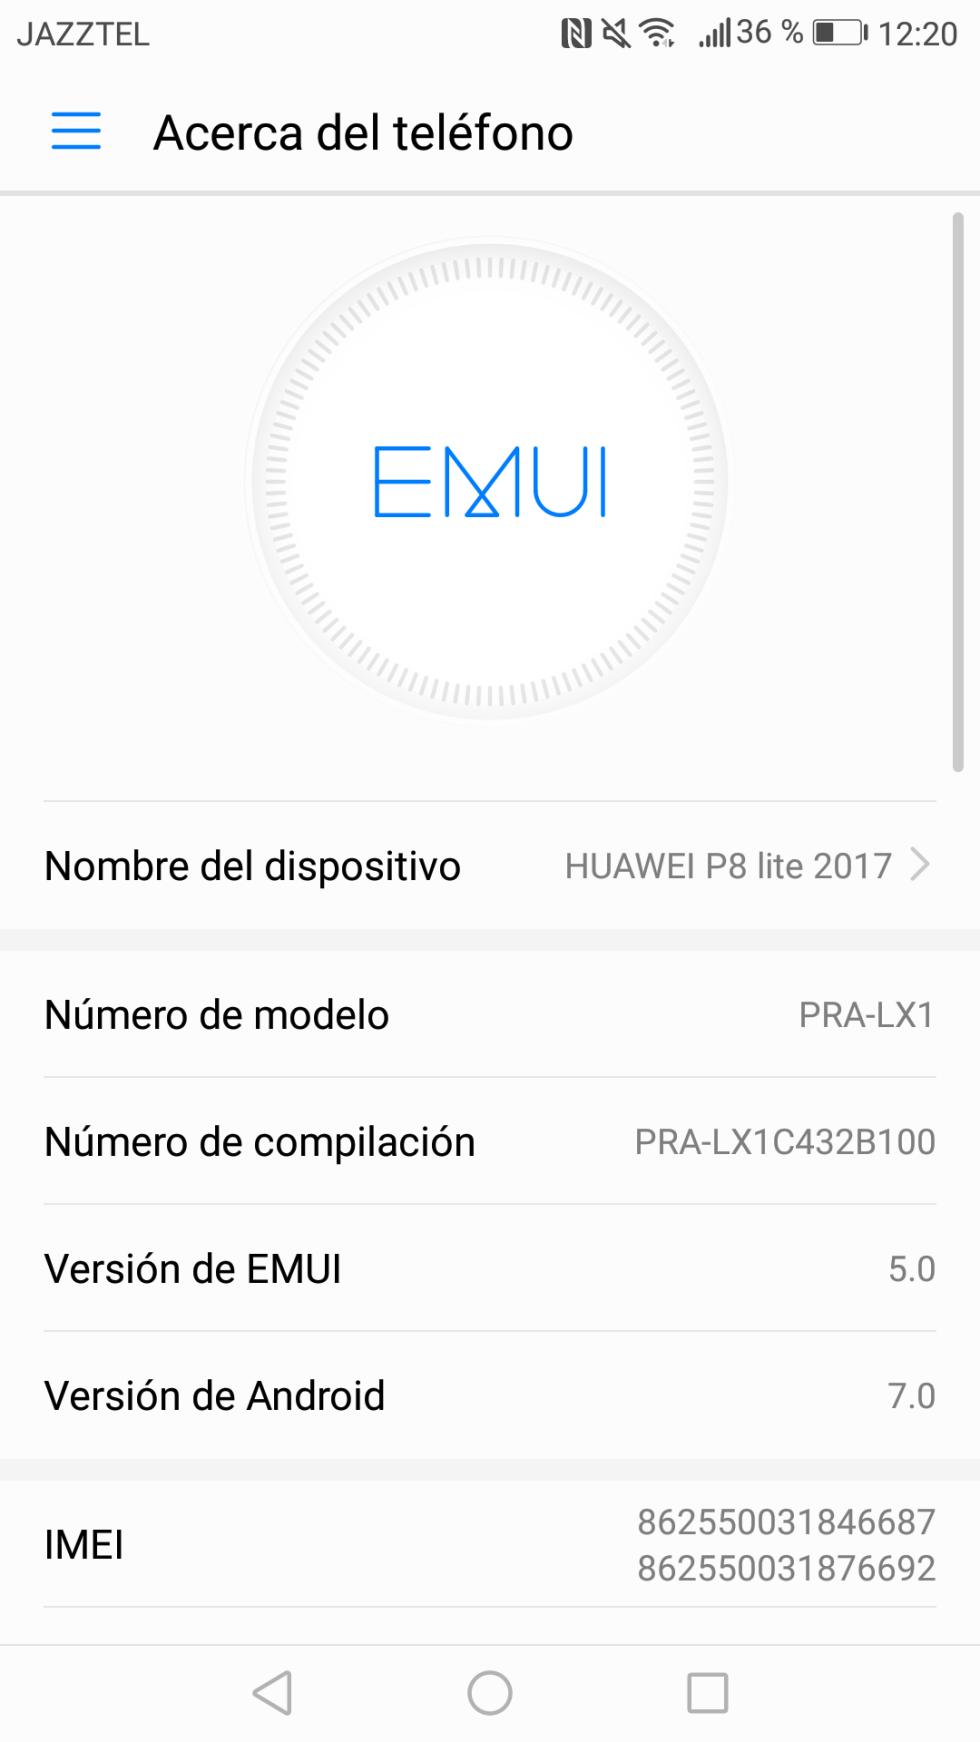 Información sobre la capa de EMUI que trae el P8 Lite 2017